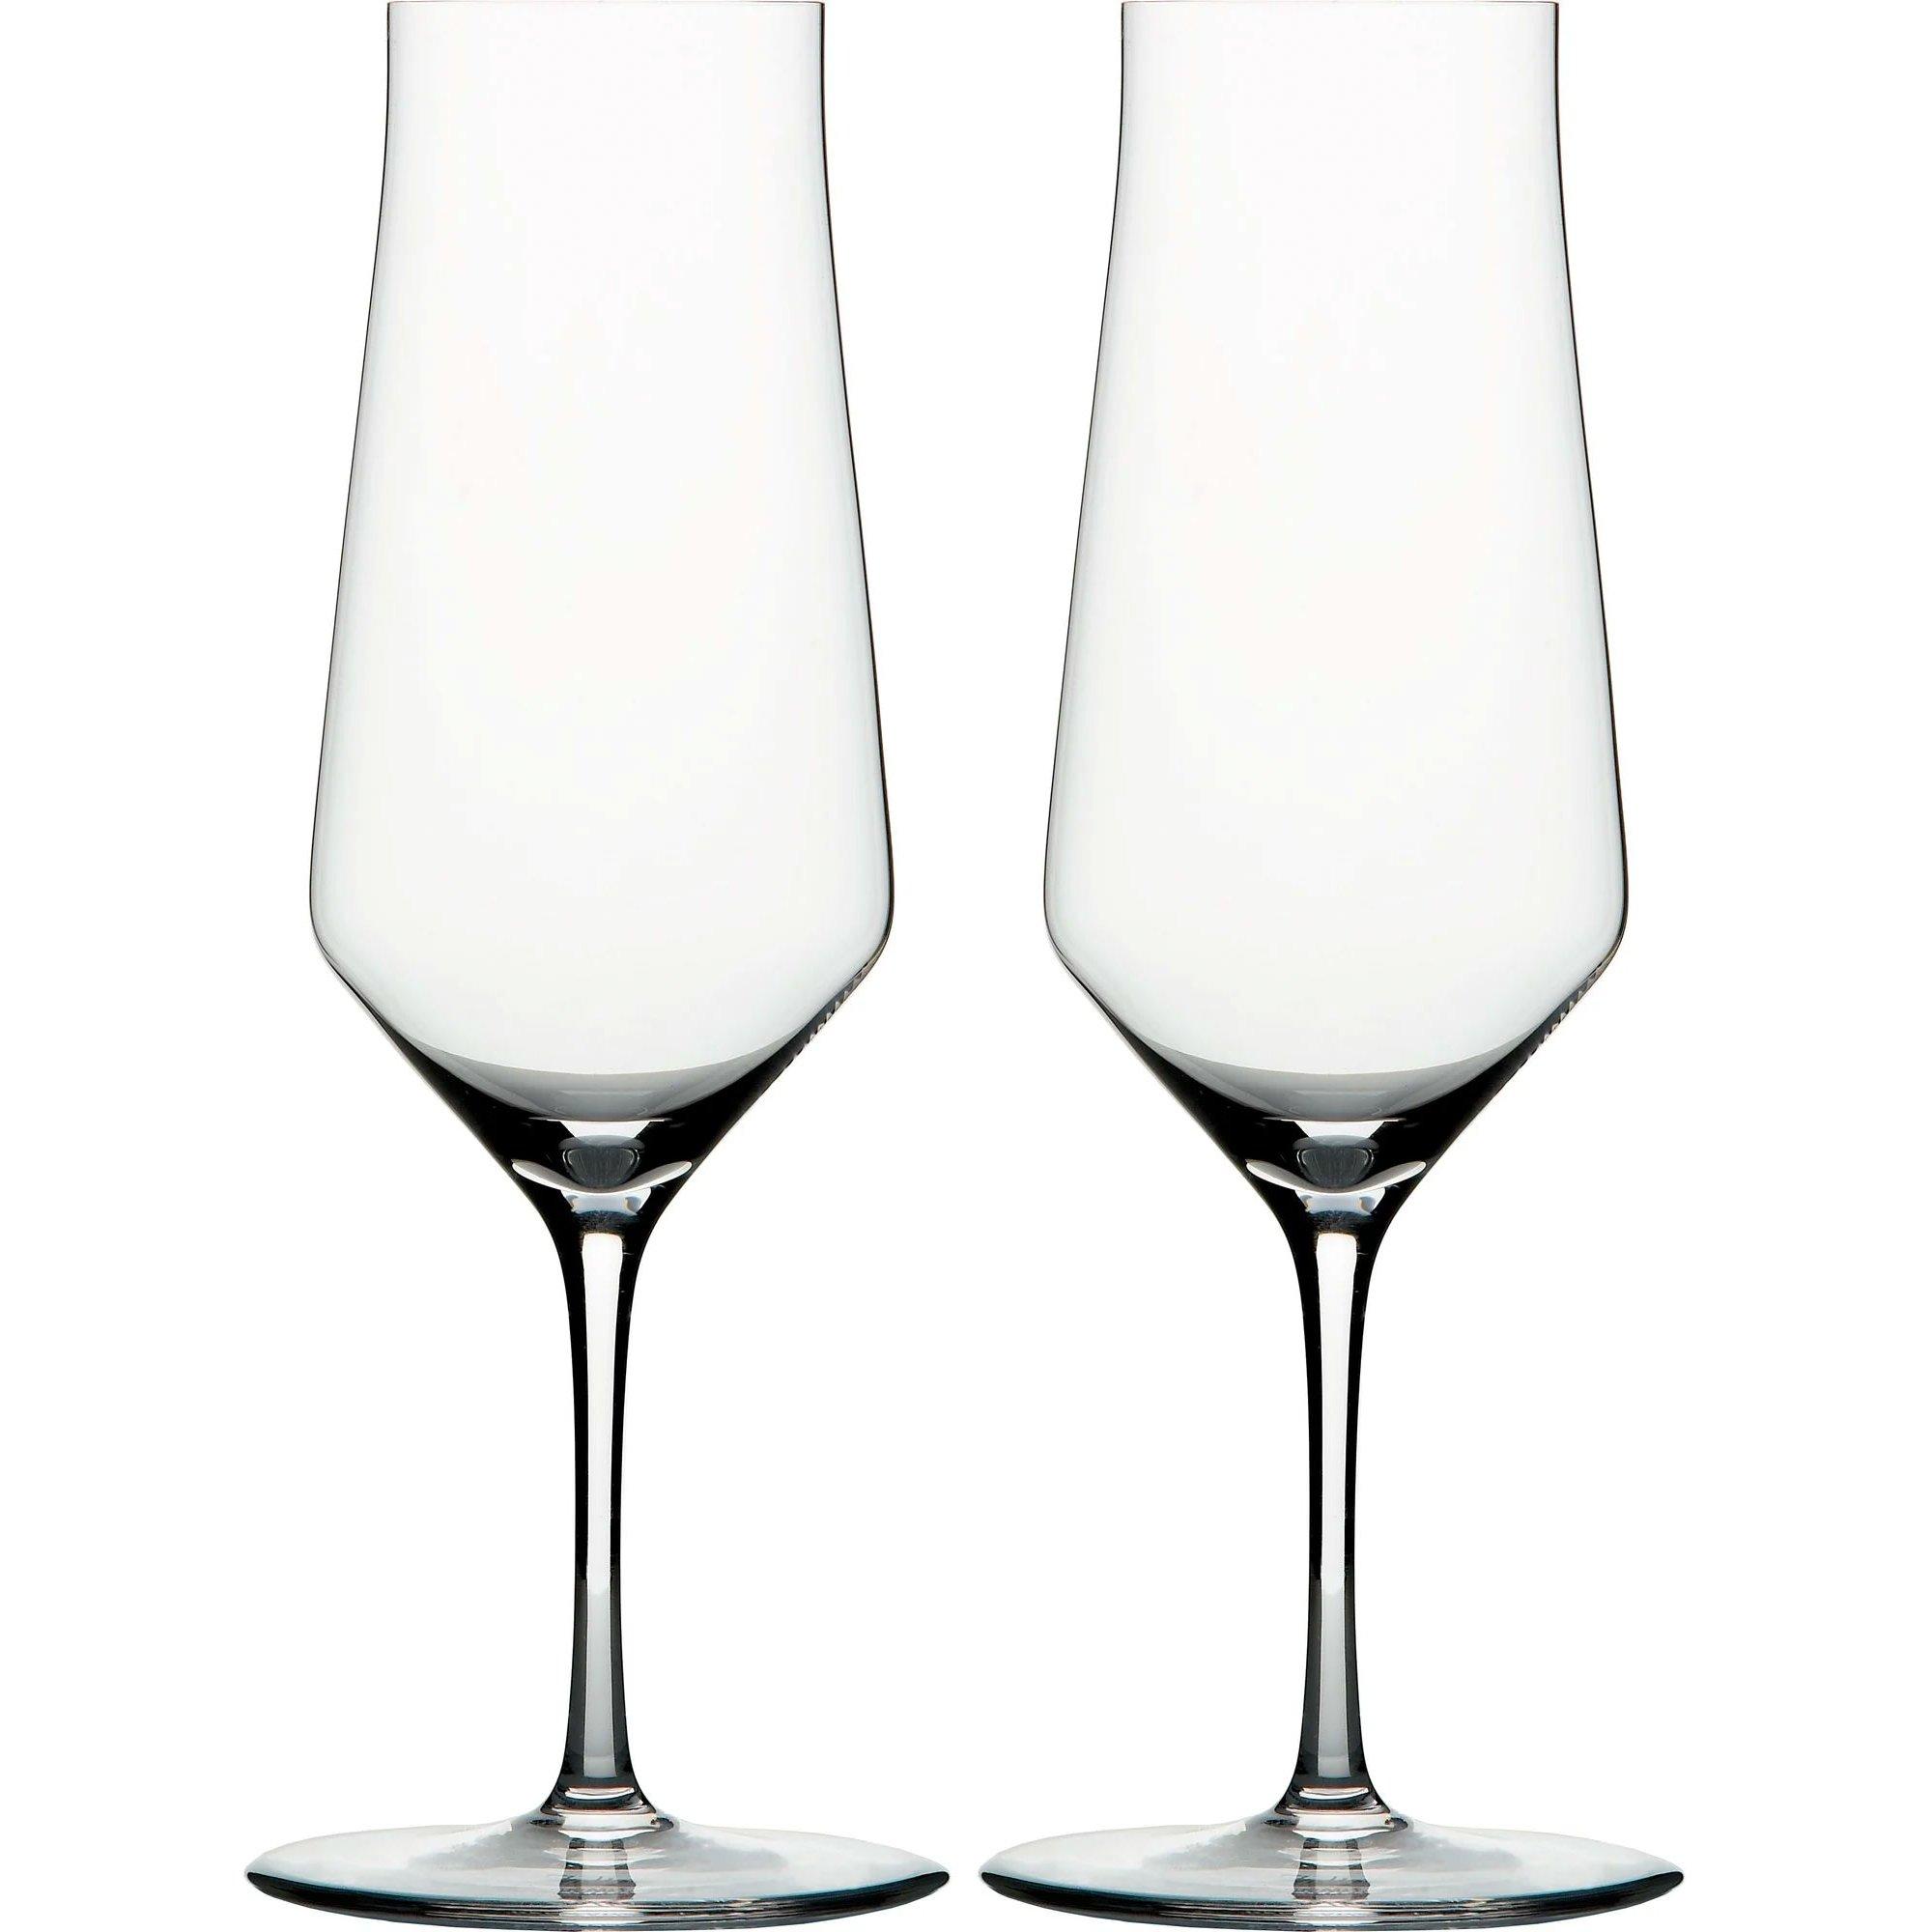 Zalto Ölglas 350 ml. 2 st.